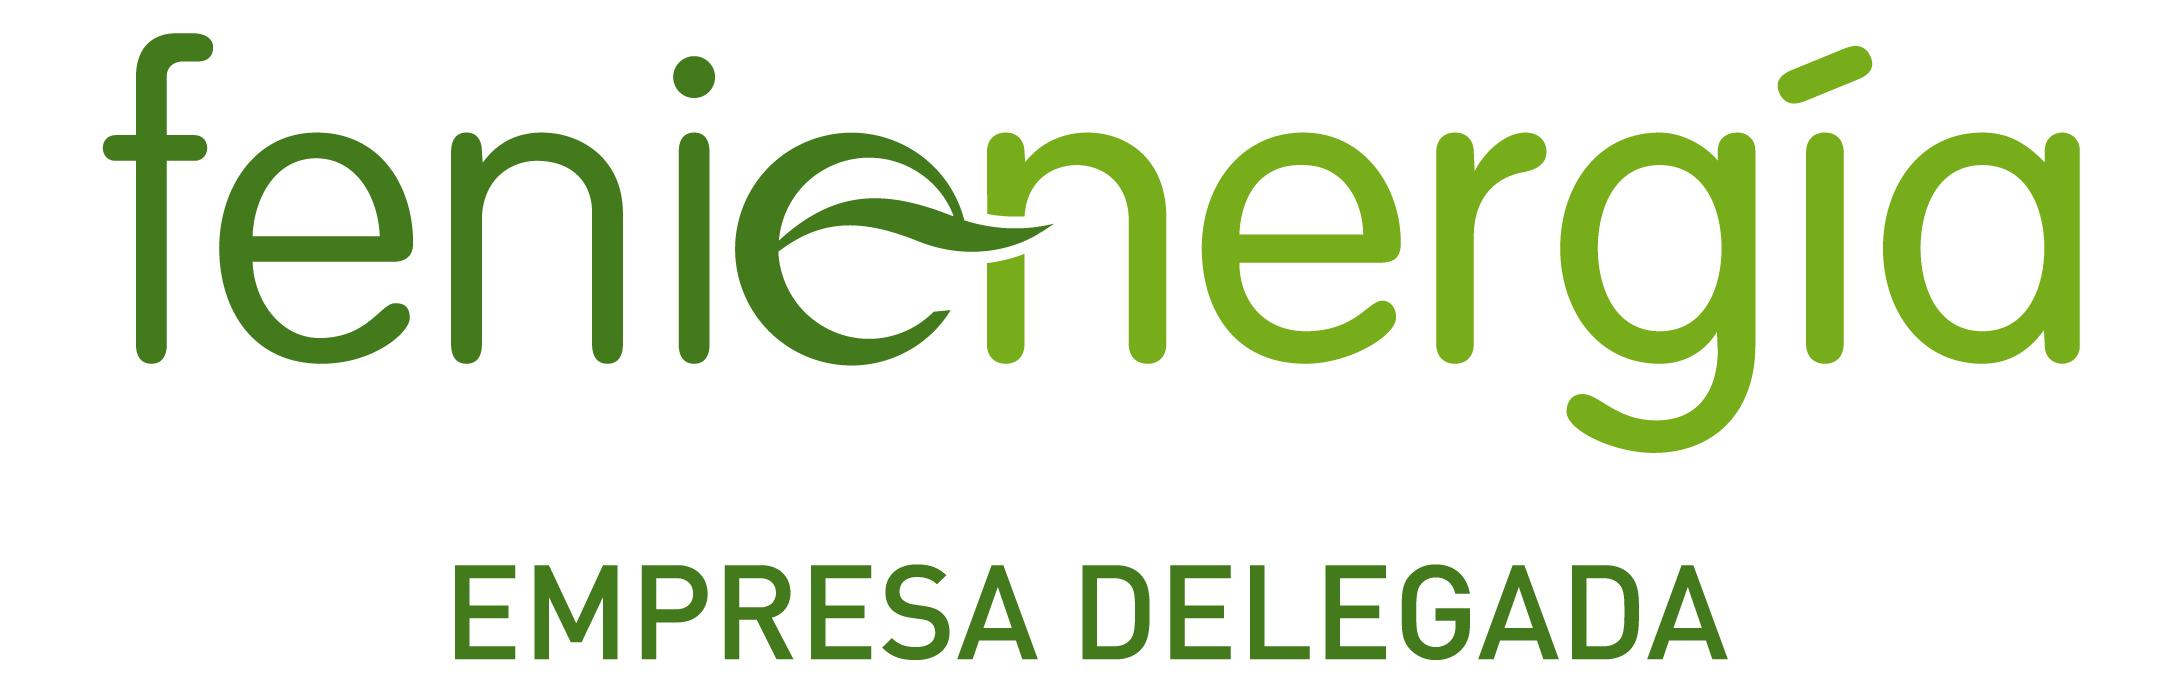 Logotipo-empresa-delegada